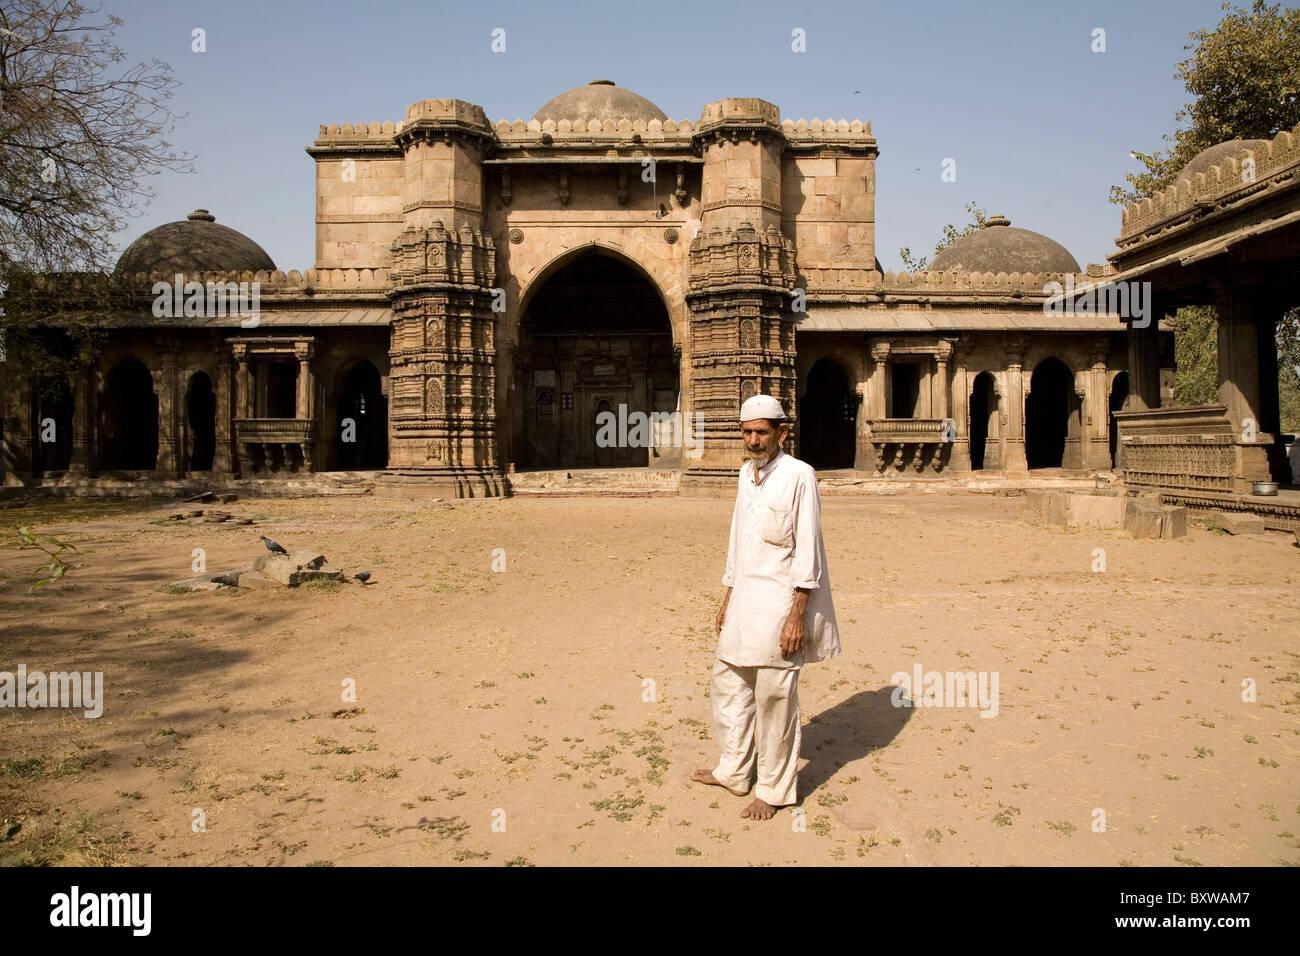 A Muslim man at the Bai Harir Mosque at Ahmedabad, Gujarat, India. - Stock Image